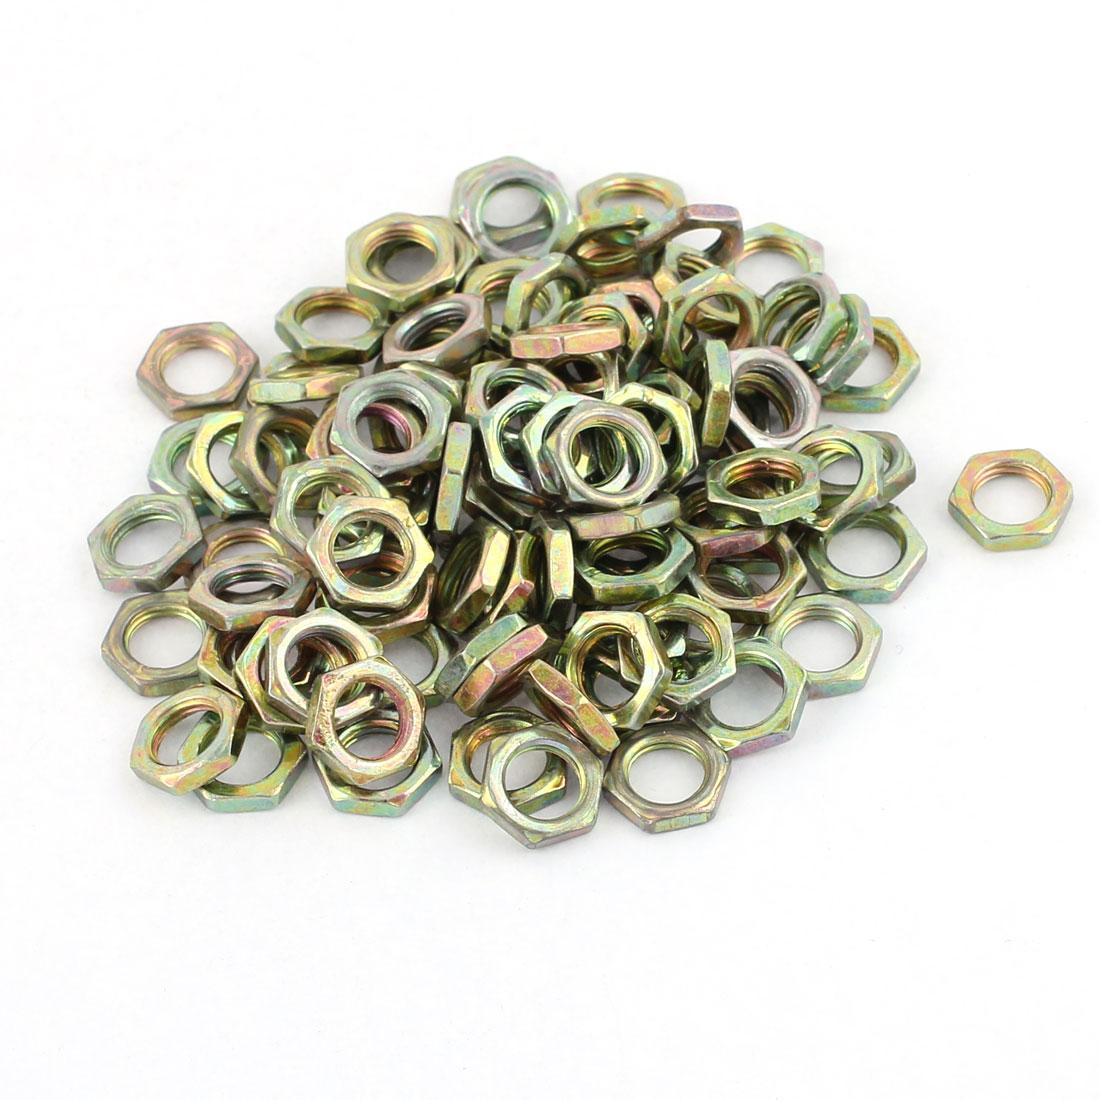 M7 Thread Dia 304 Stainless Steel Metric Hex Nut Screw Cap Fastener 100pcs